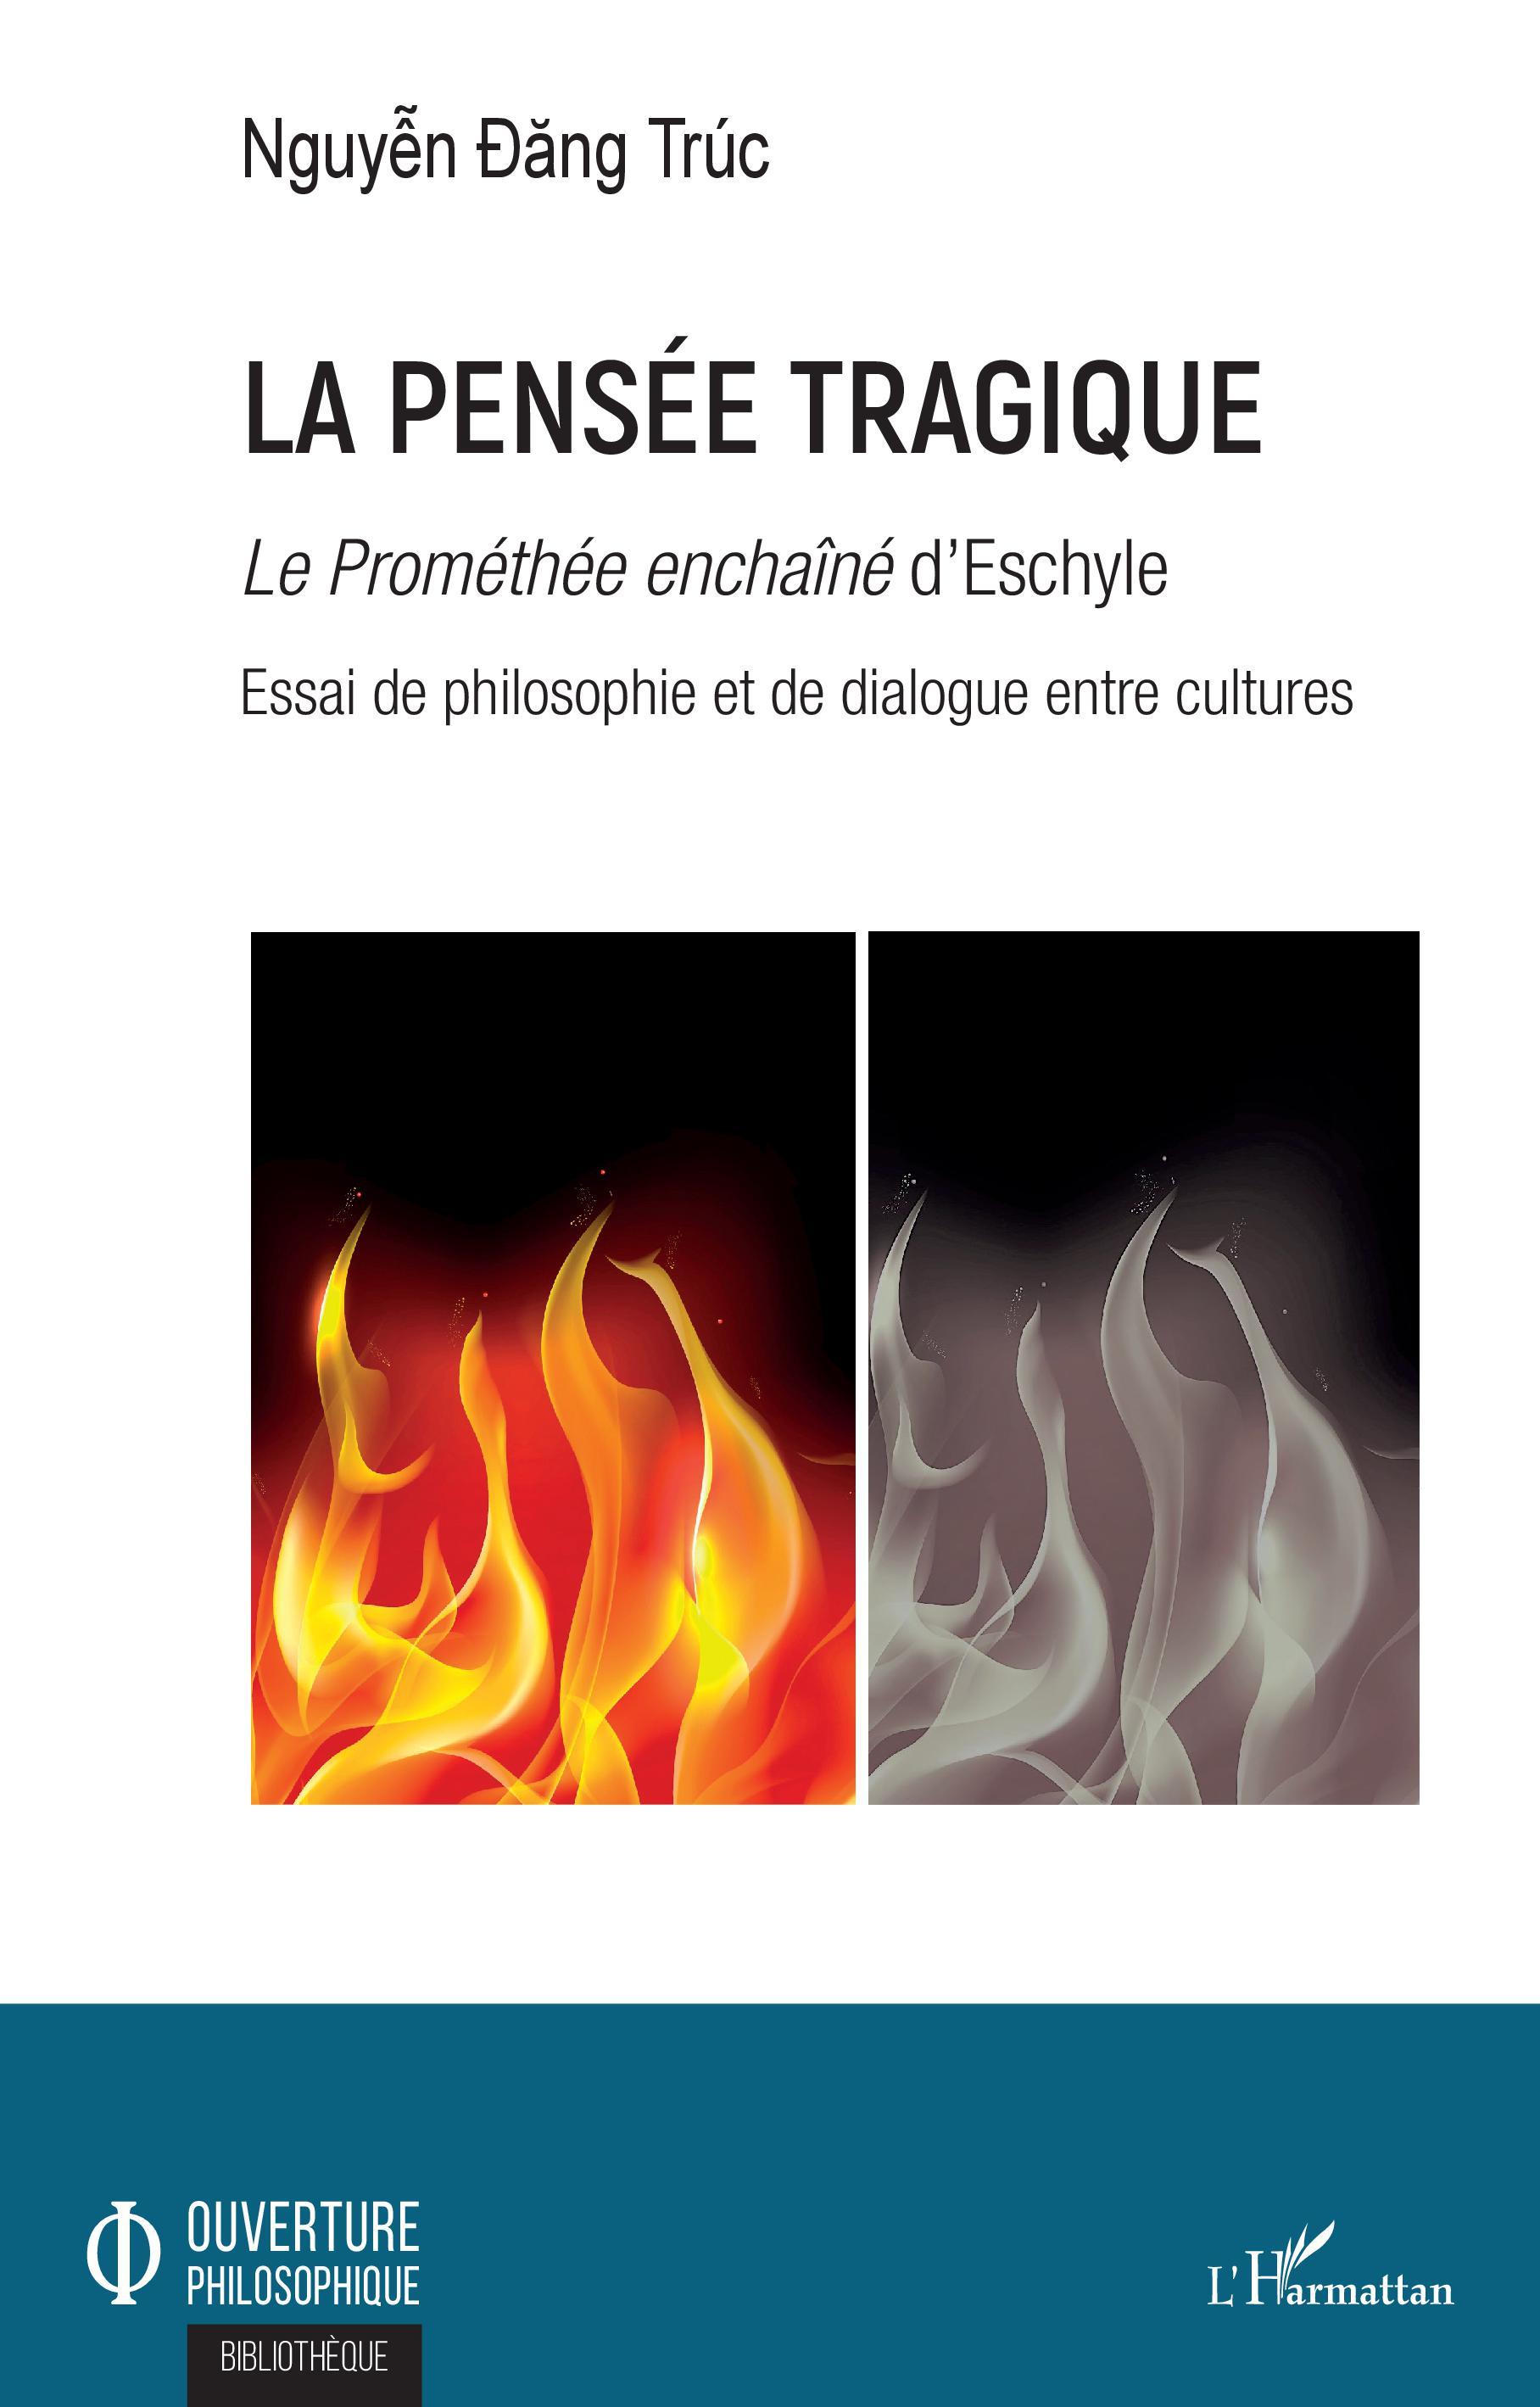 D. T. Nguyen, La Pensée tragique - Le Prométhée enchaîné d'Eschyle - Essai de philosophie et de dialogue entre cultures